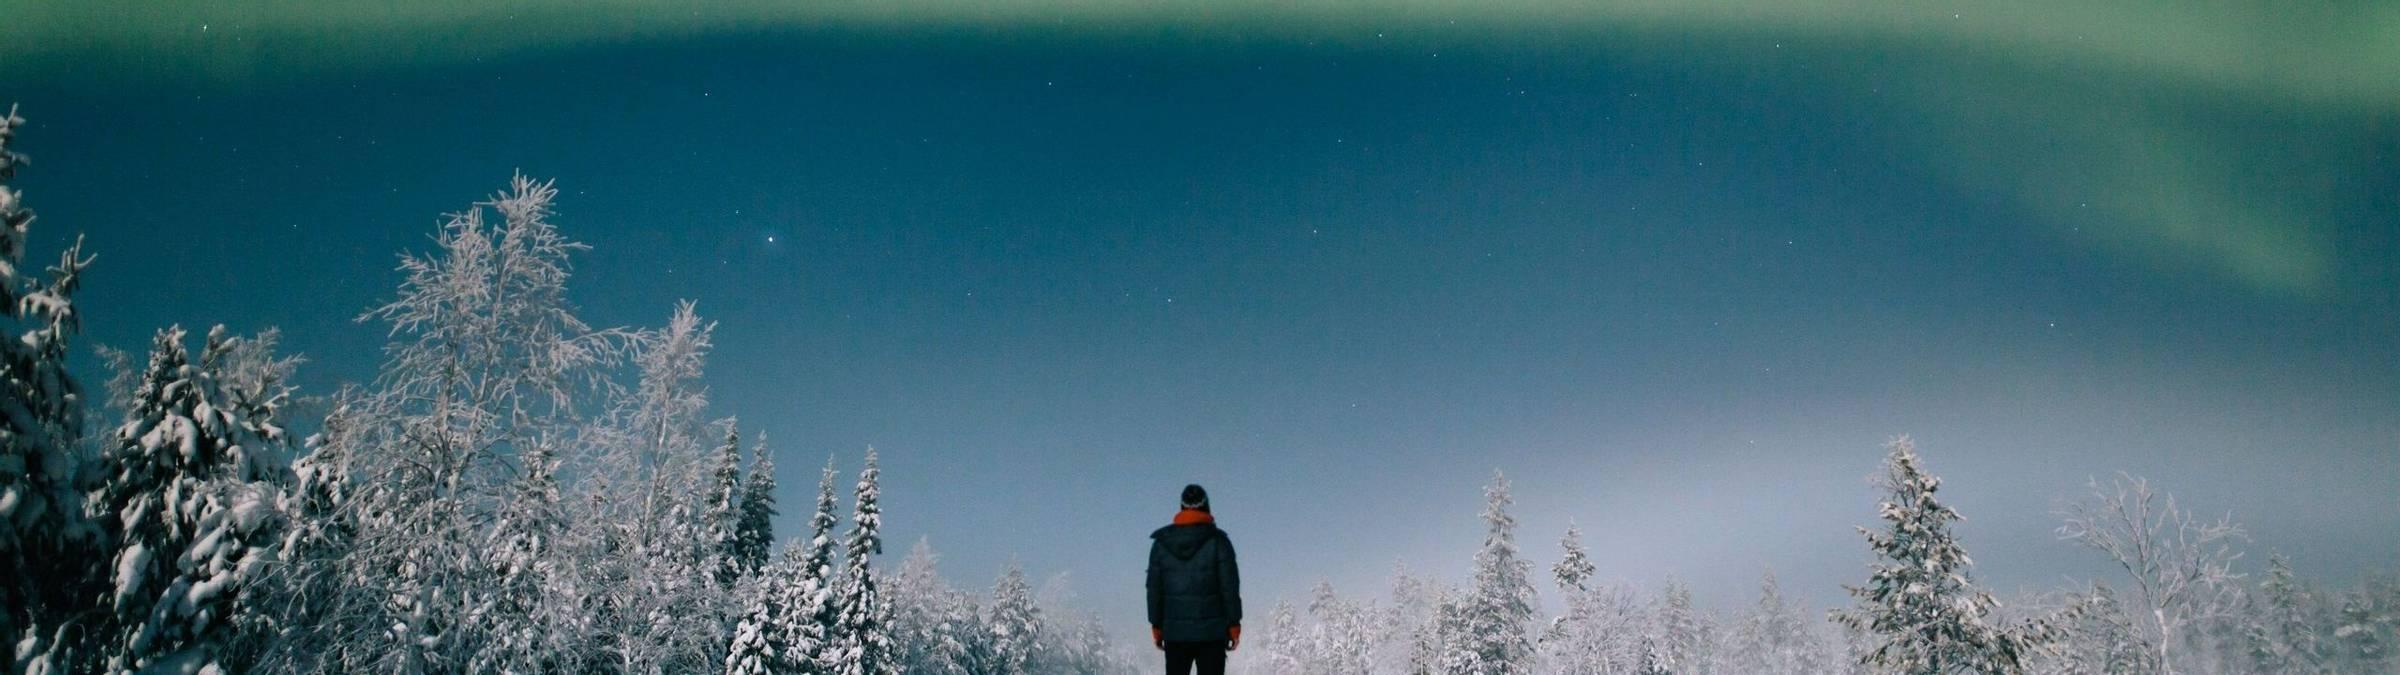 2015, Credit: Visit Finland & Daniel Ernst, December, Finland, Yllas